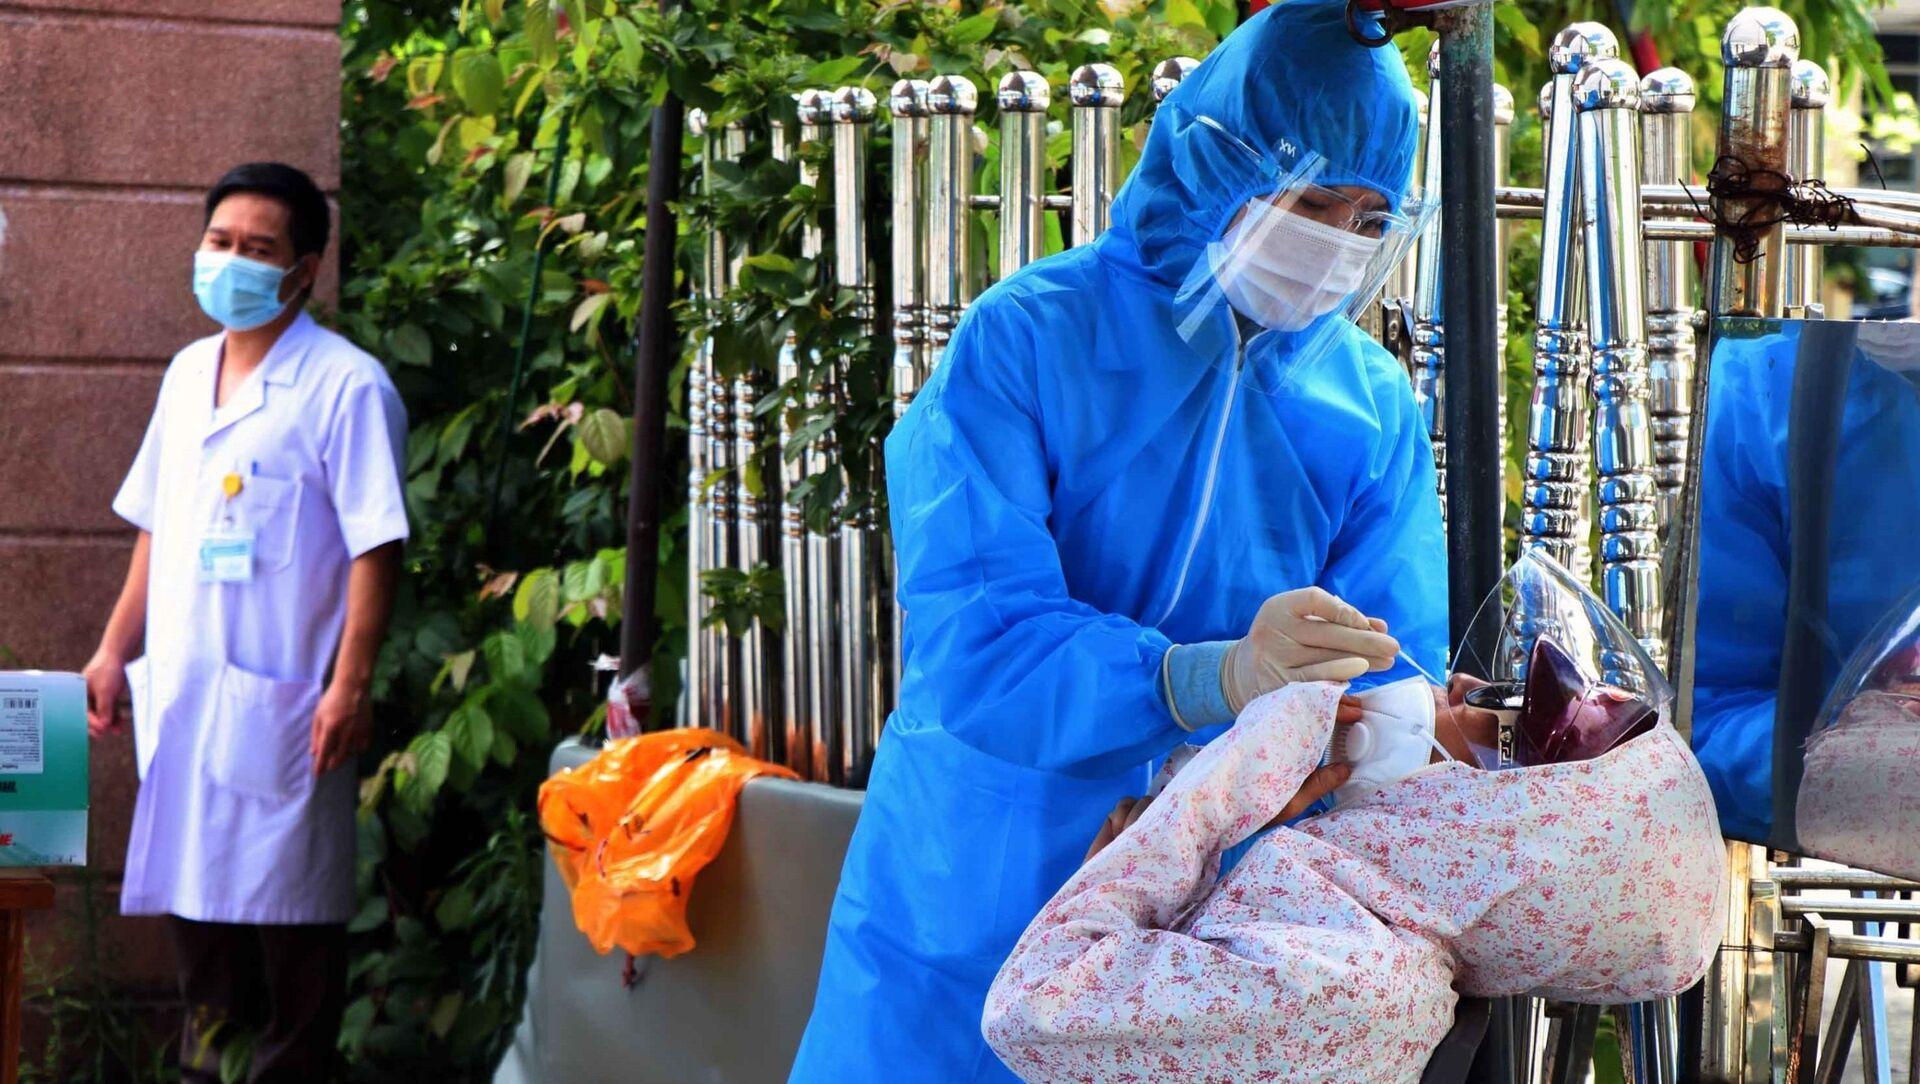 Người dân chờ được xét nghiệm nhanh trước khi vào khám, điều trị tại bệnh viện. - Sputnik Việt Nam, 1920, 14.06.2021